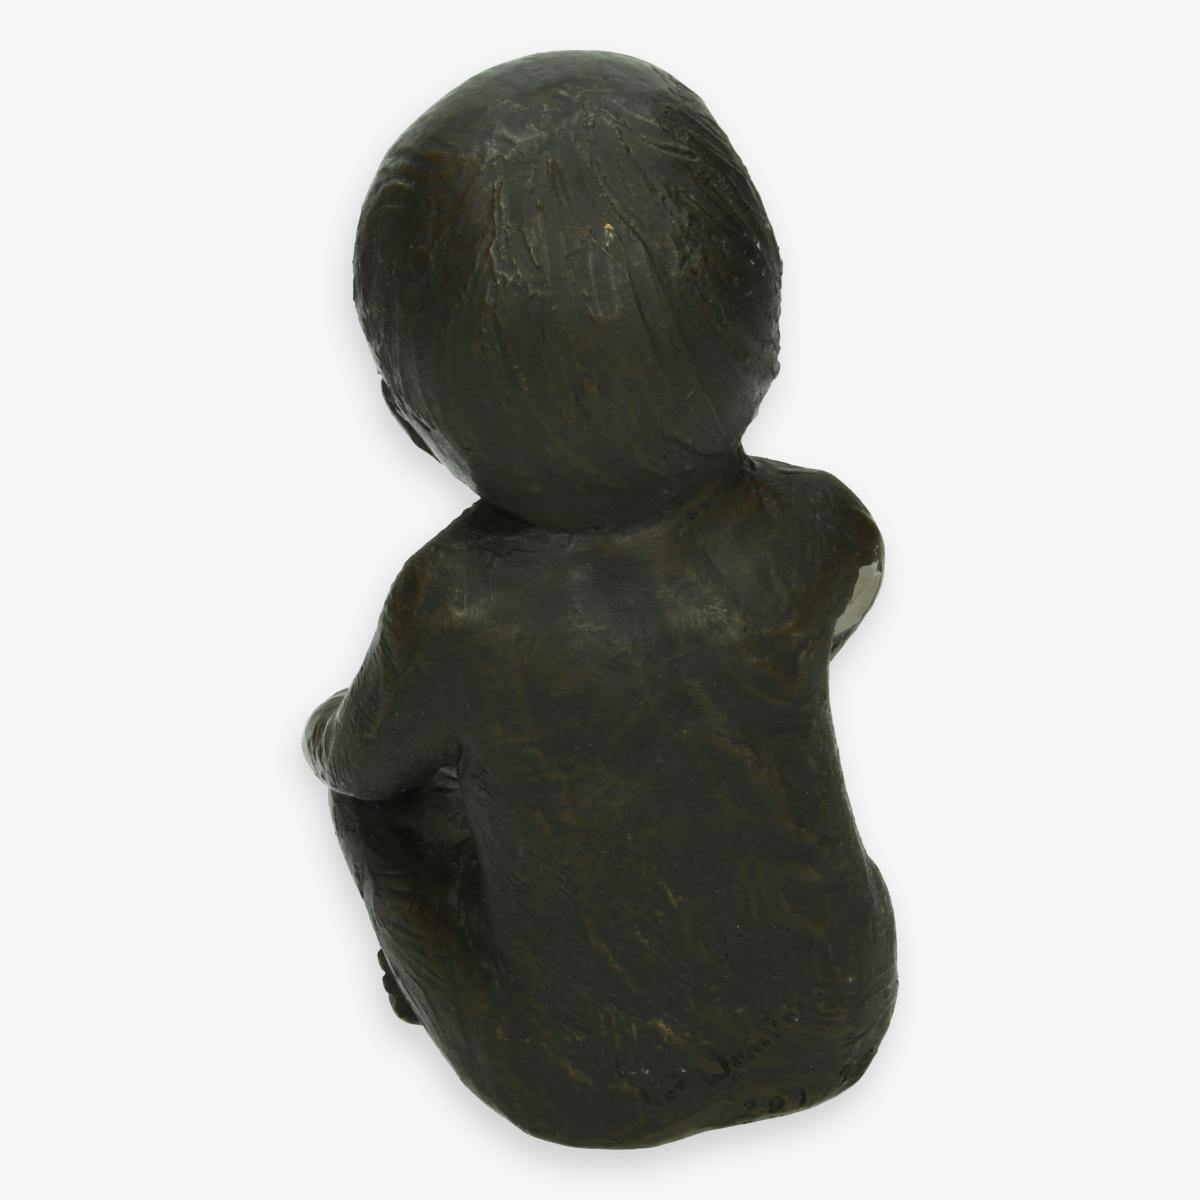 Afbeeldingen van beeldje baby steen ontbreekt een klein stukje glazuur